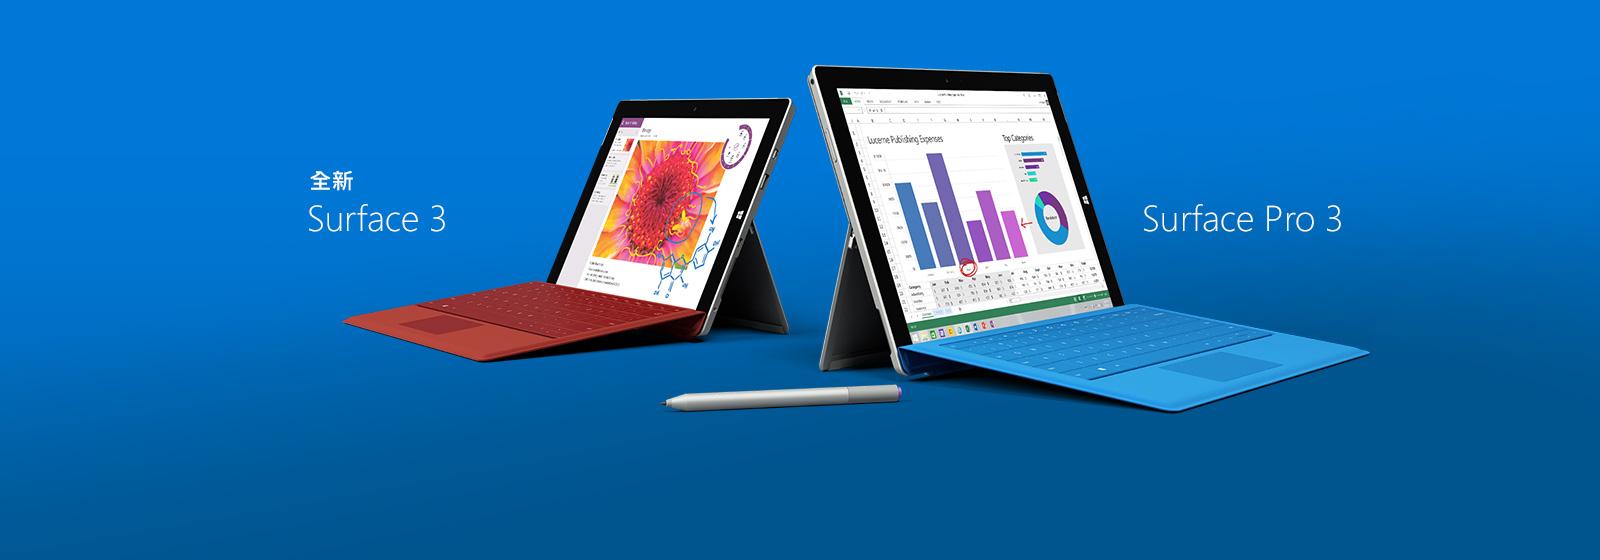 選擇最適合你的 Surface。立即選購。